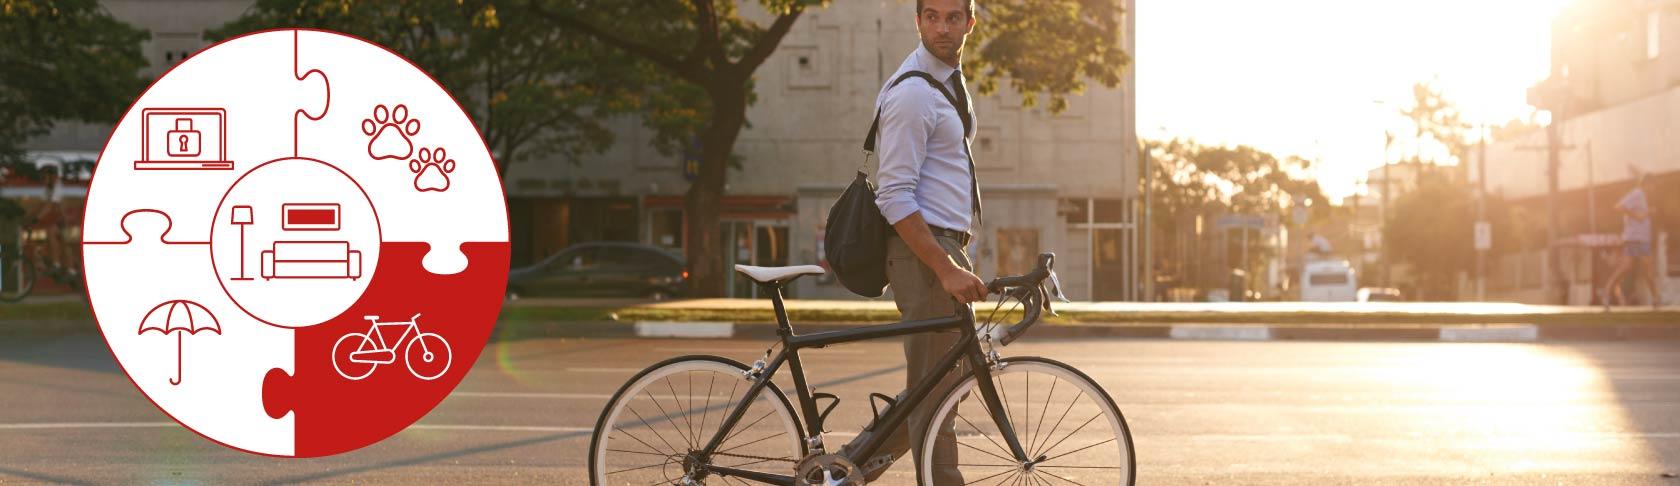 Assicurazione biciclette generali for Assicurazione domestica